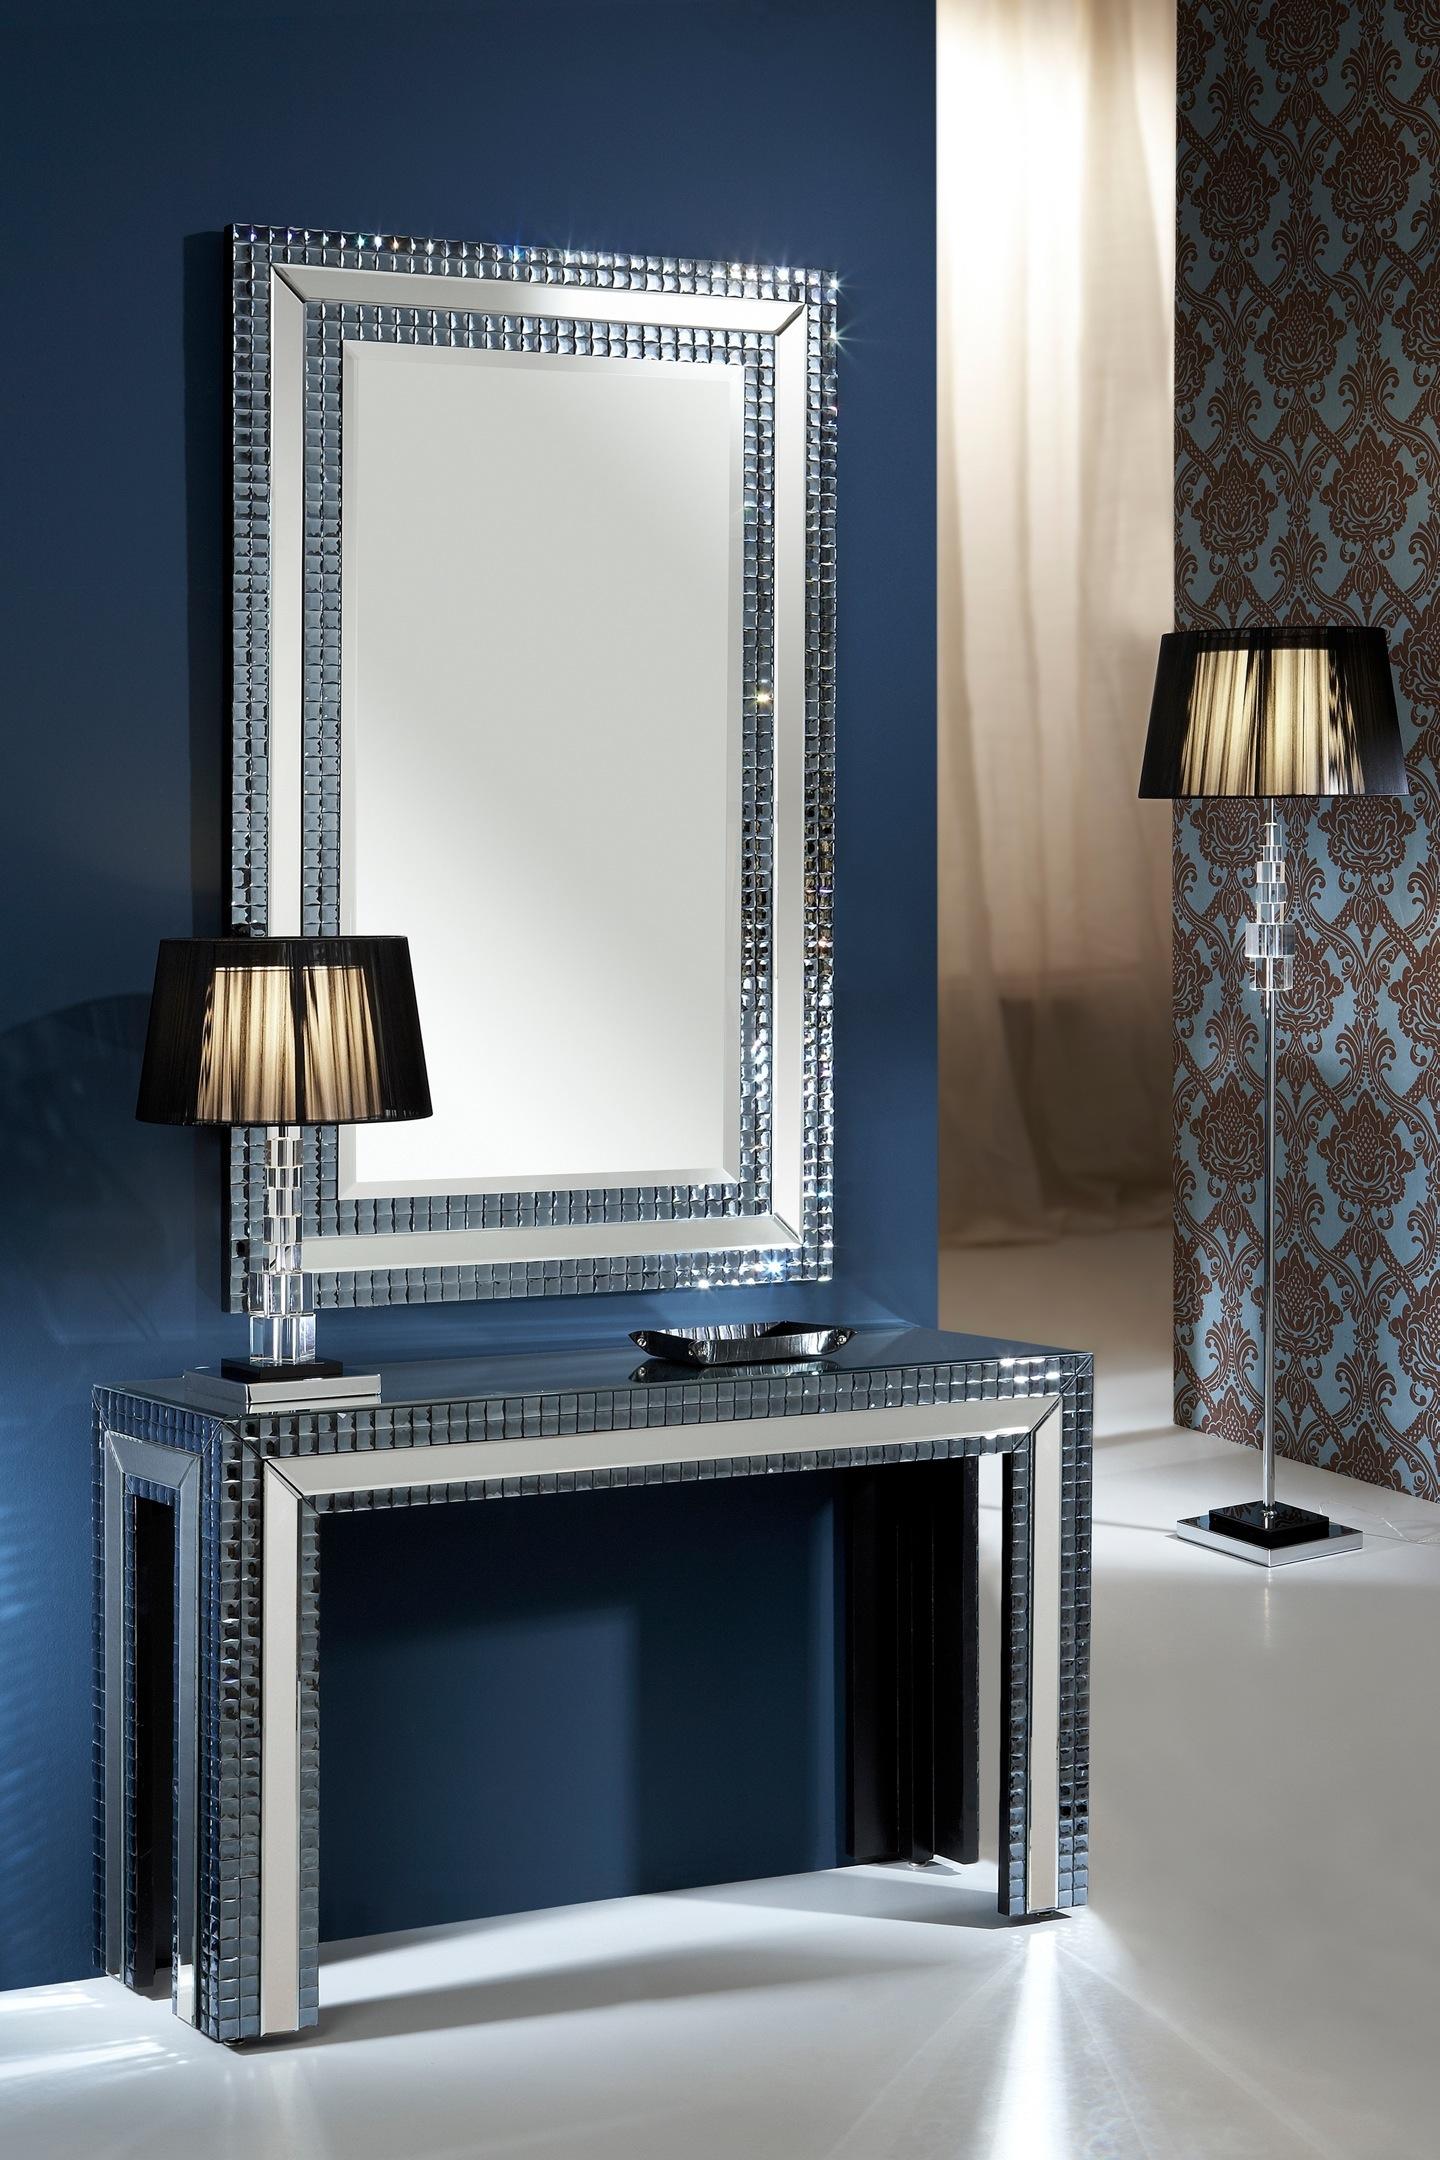 Schuller brooklyn miroir rect ngulo indigo 121932 for Schuller miroir